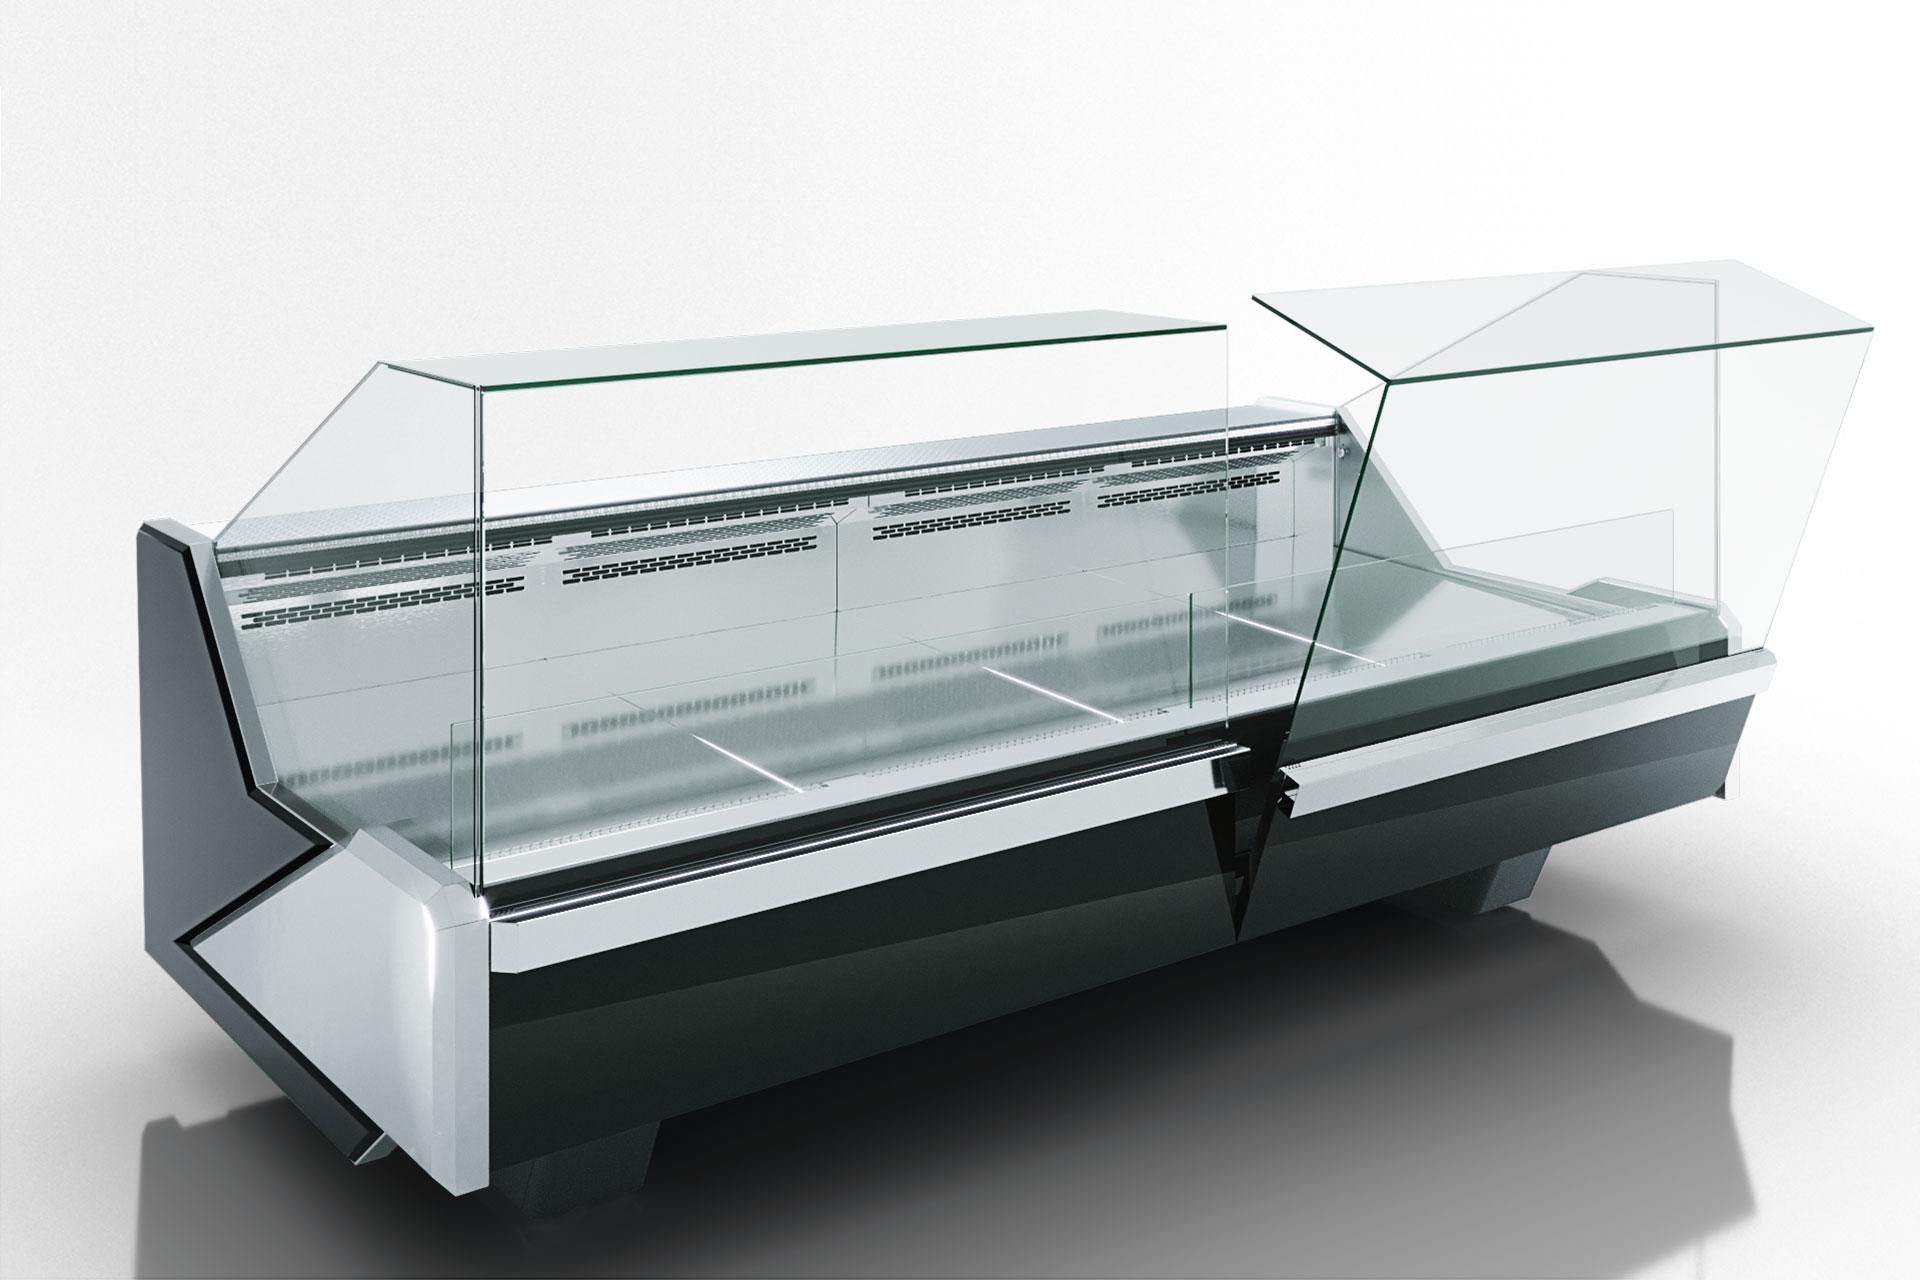 Холодильна вітрина Missouri enigma MC 125 deli OS 120-DBM